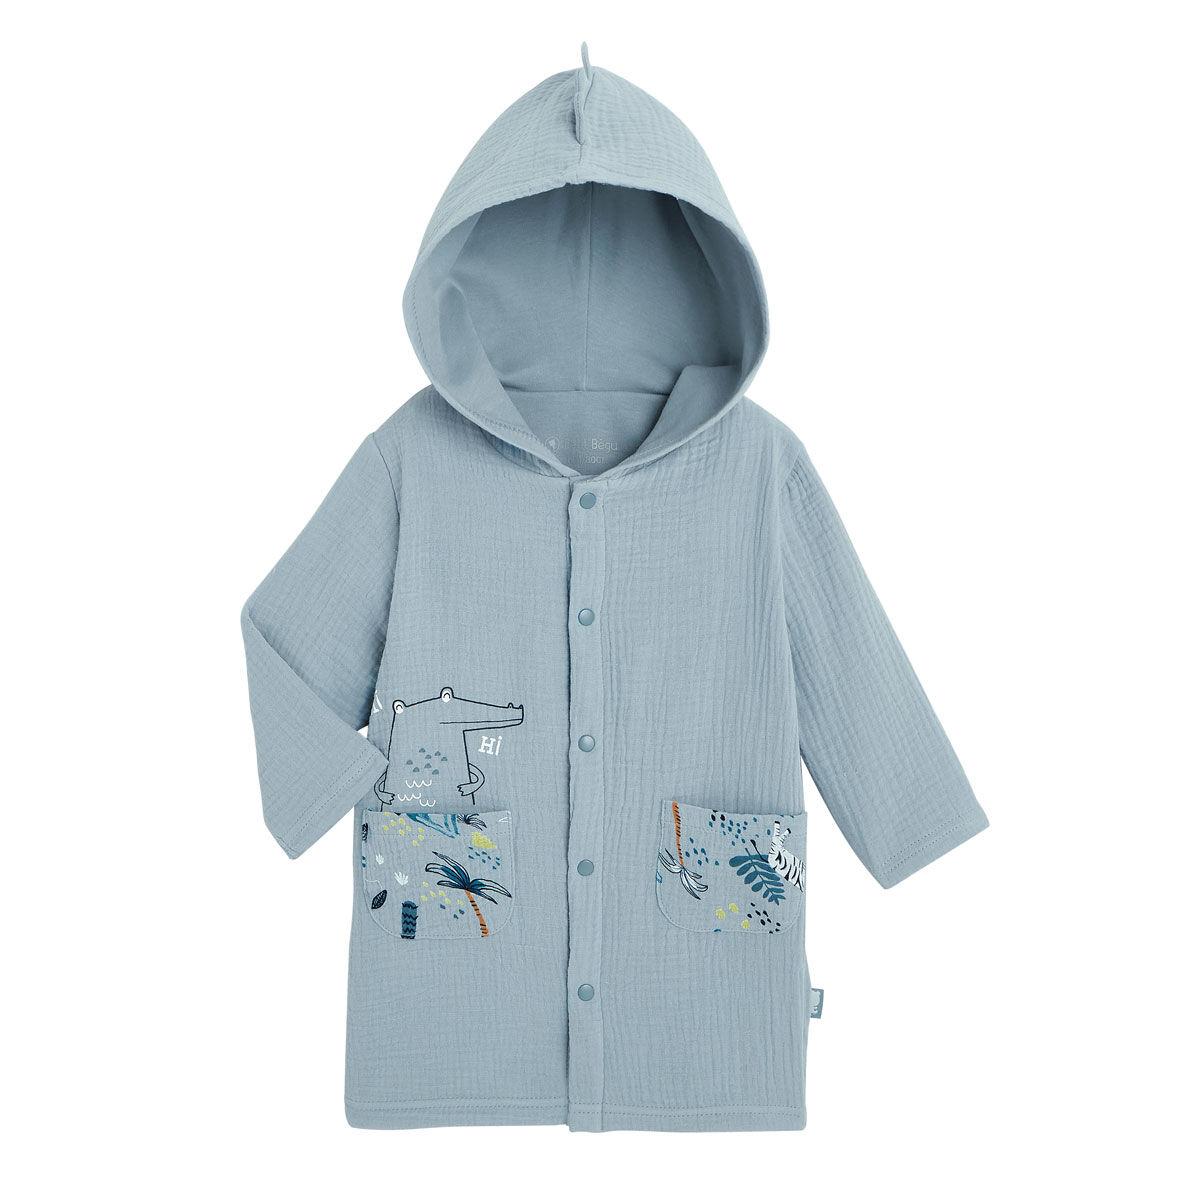 Petit Béguin Robe de chambre doublée bébé garçon Croco Jungle - Taille - 18 mois